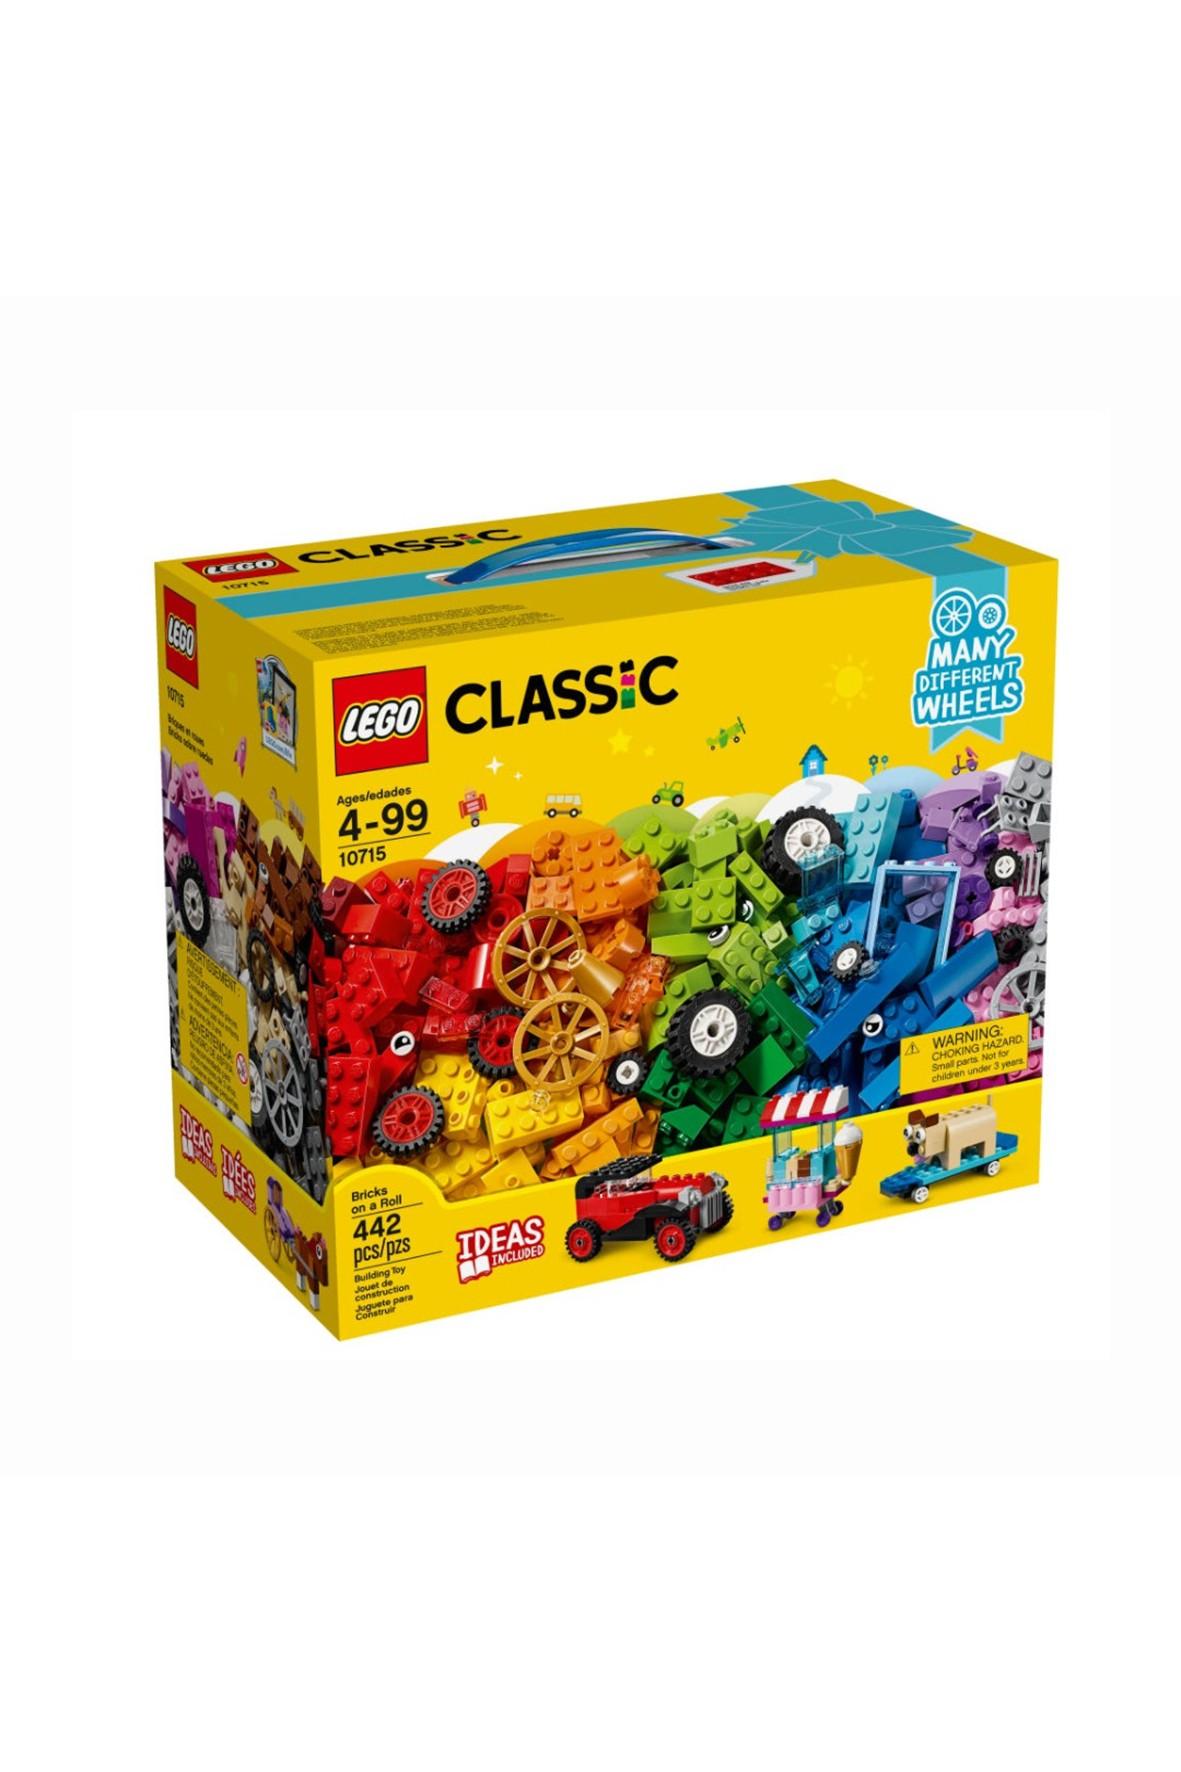 Lego Classic 10715   - Klocki na kółkach - 442 elementy wiek 4+